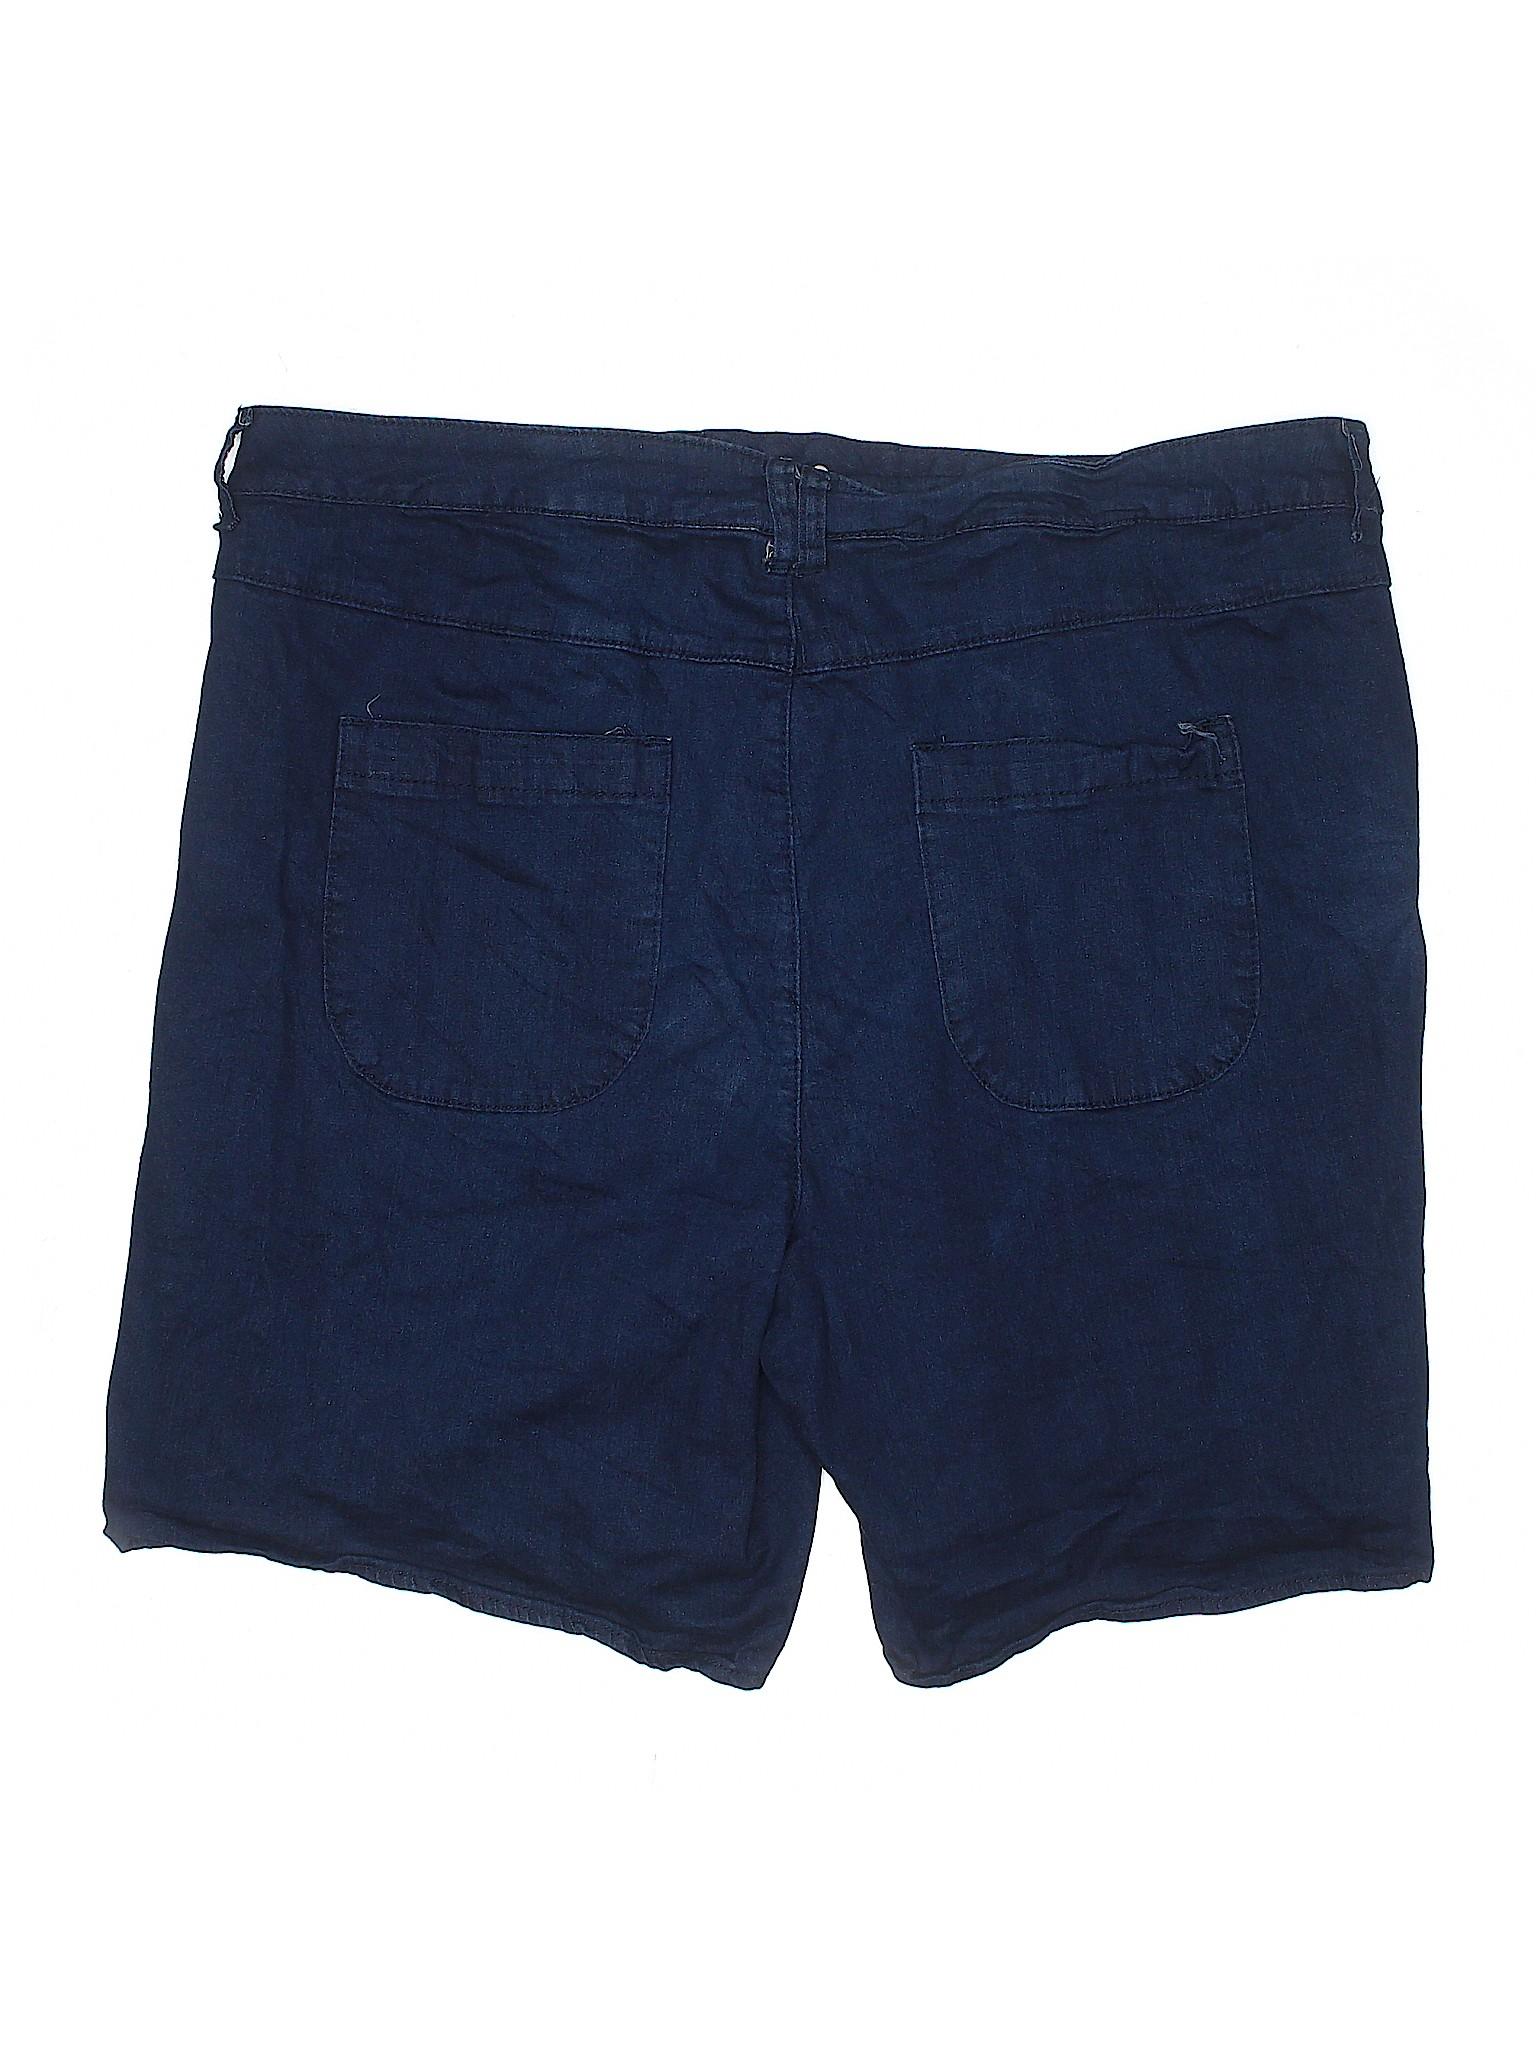 Shorts Boutique Lane Boutique Bryant winter winter qxanT0Bw